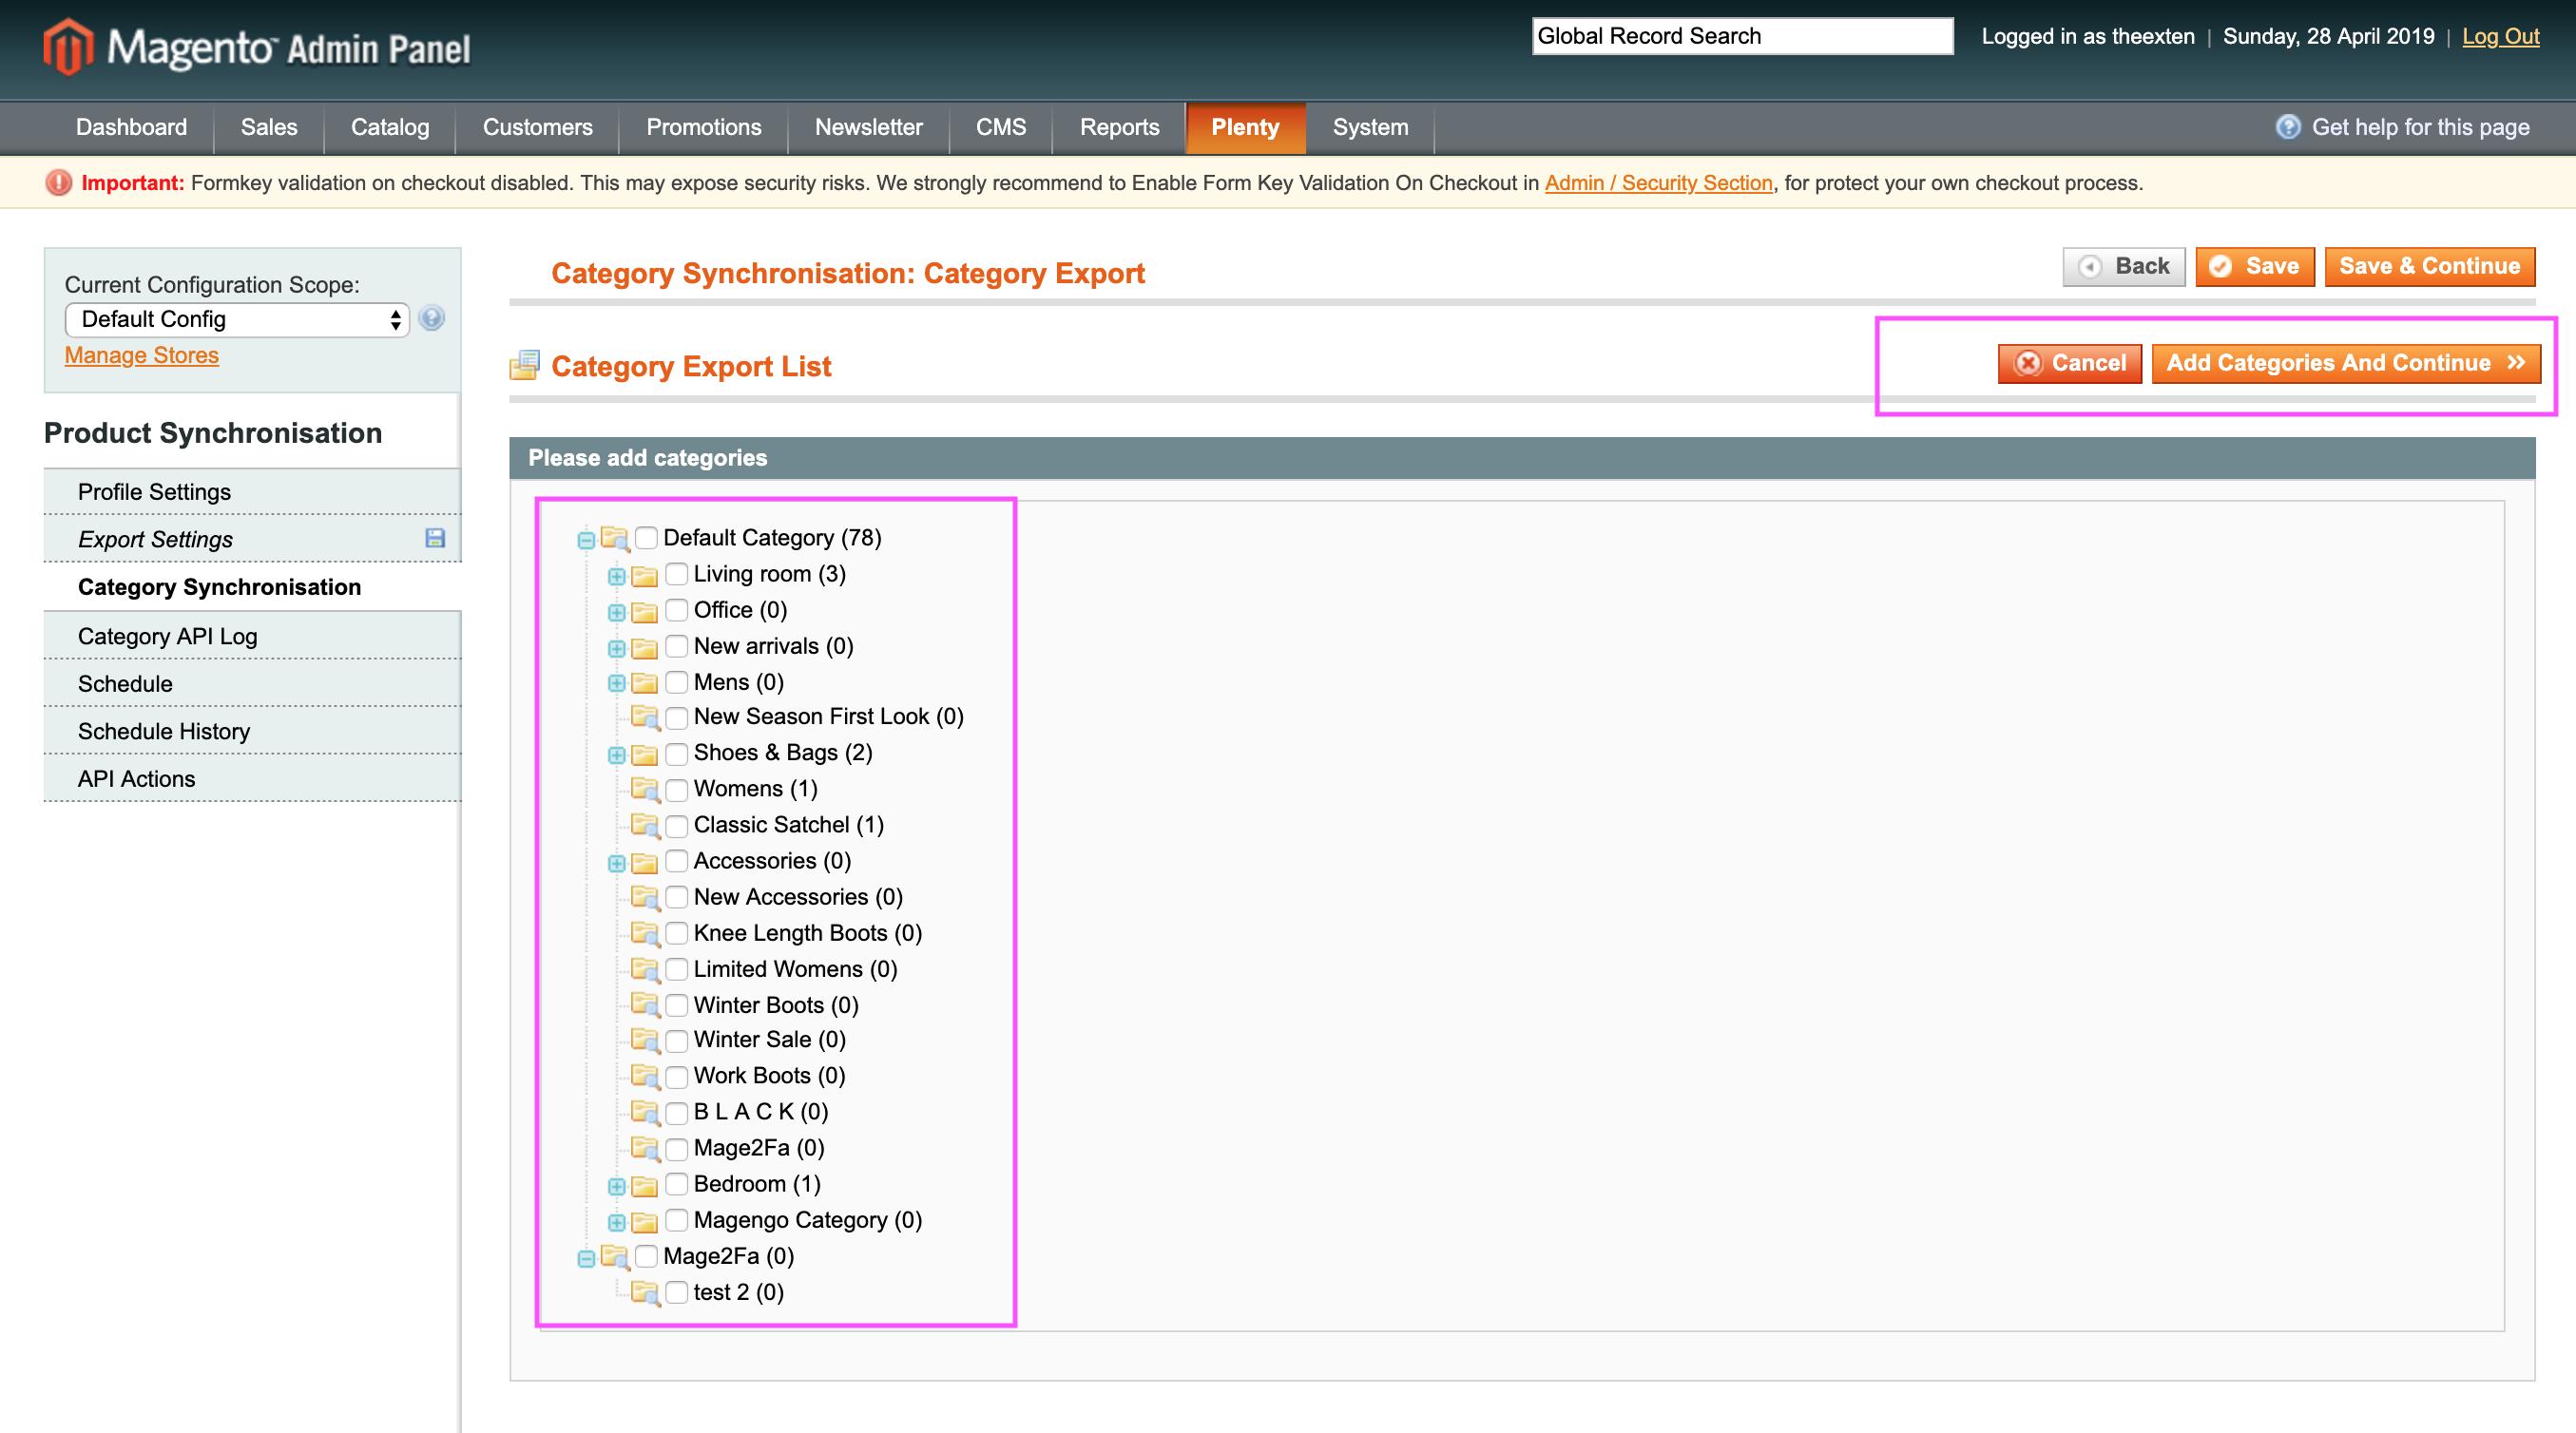 Mage2Plenty - category export - schedule